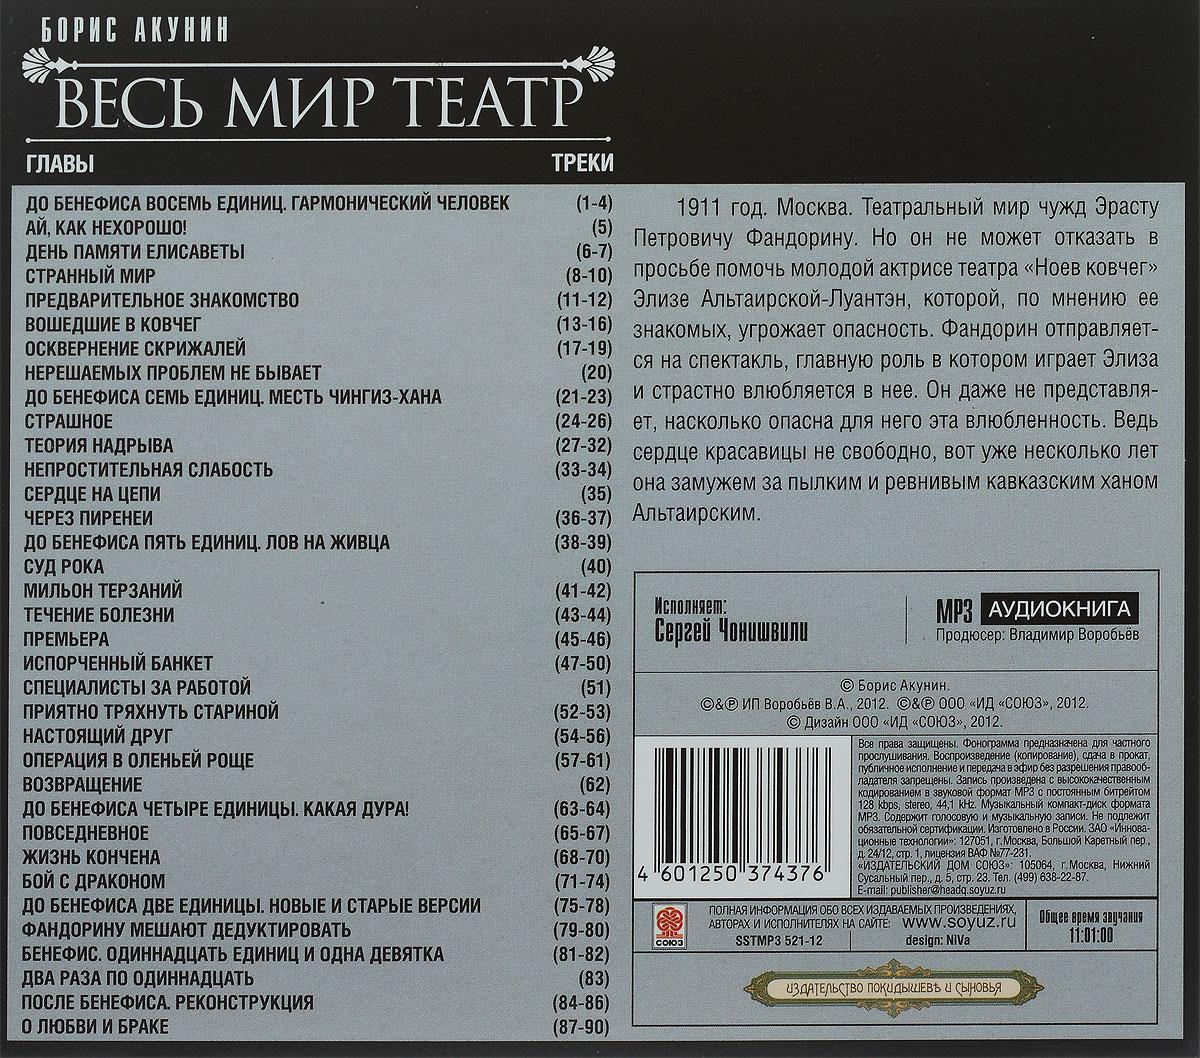 Весь мир театр (аудиокнига MP3)